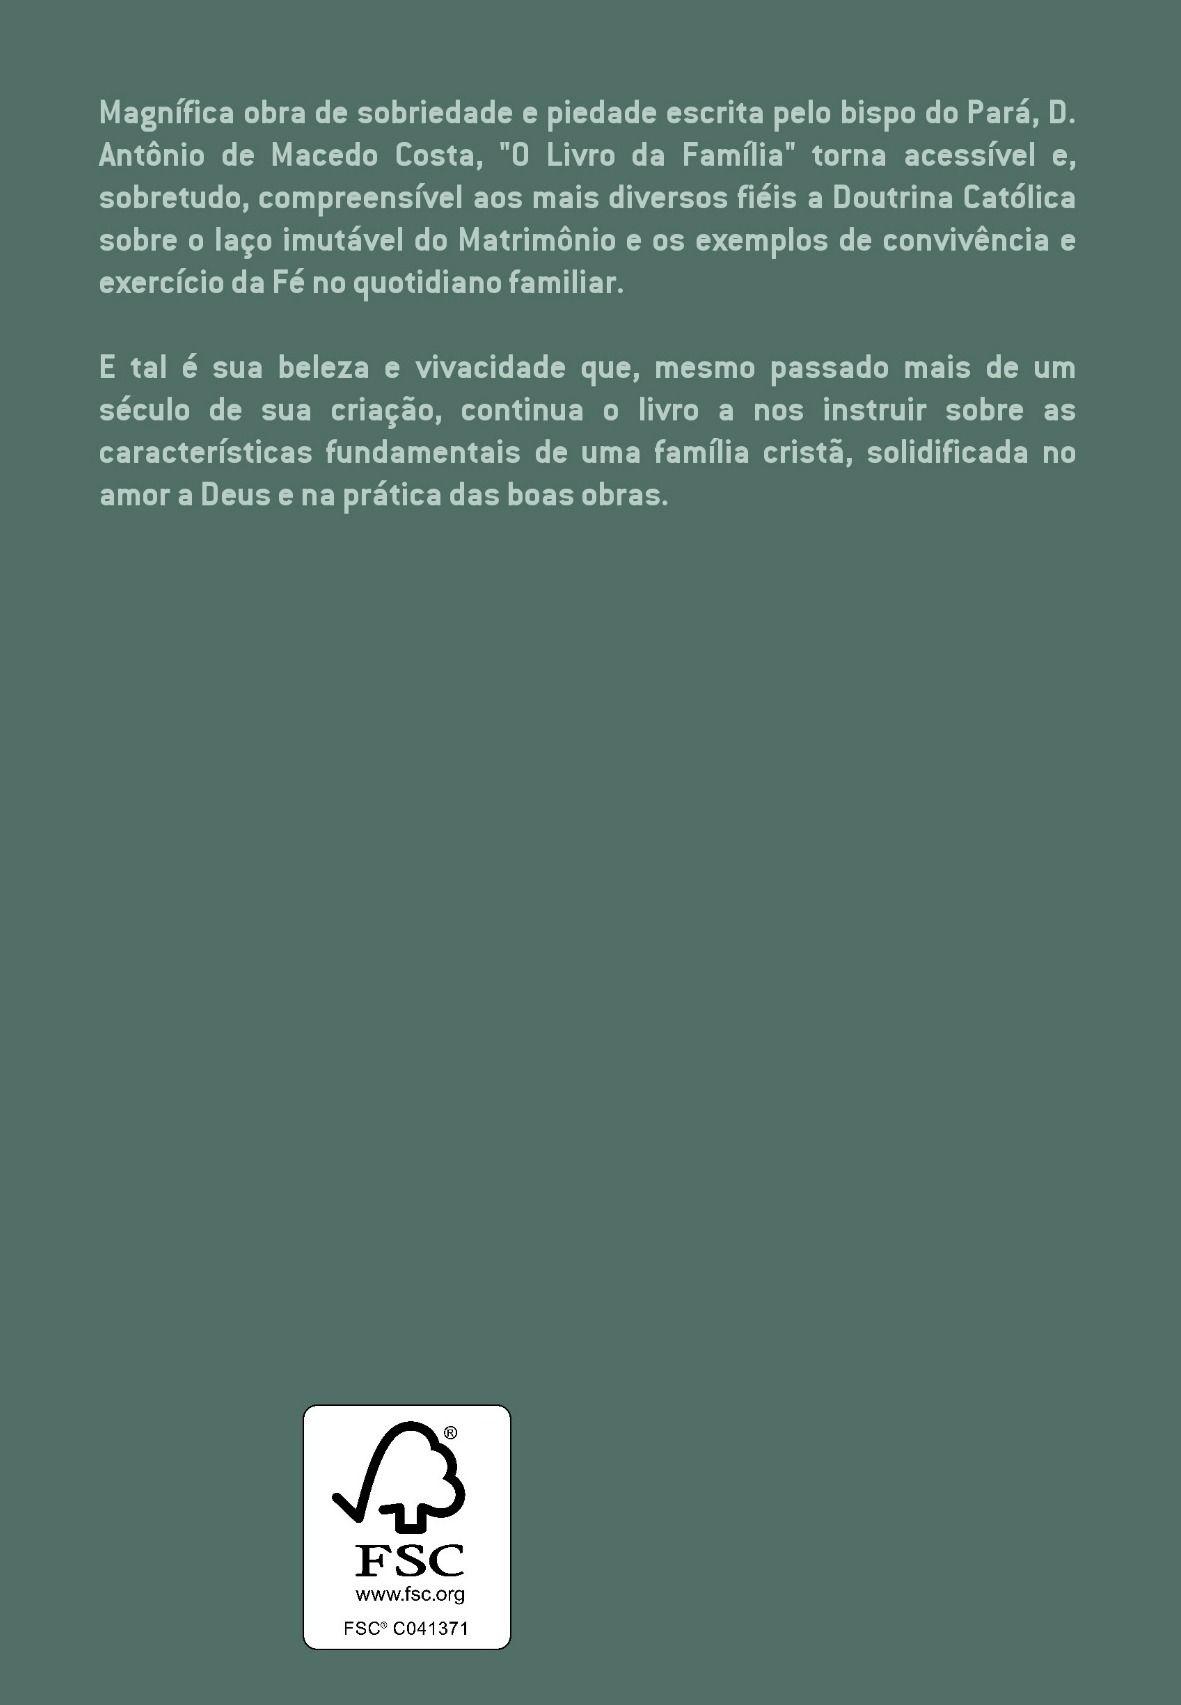 O Livro da Família - D. Antônio de Macedo Costa  - Livraria Santa Cruz